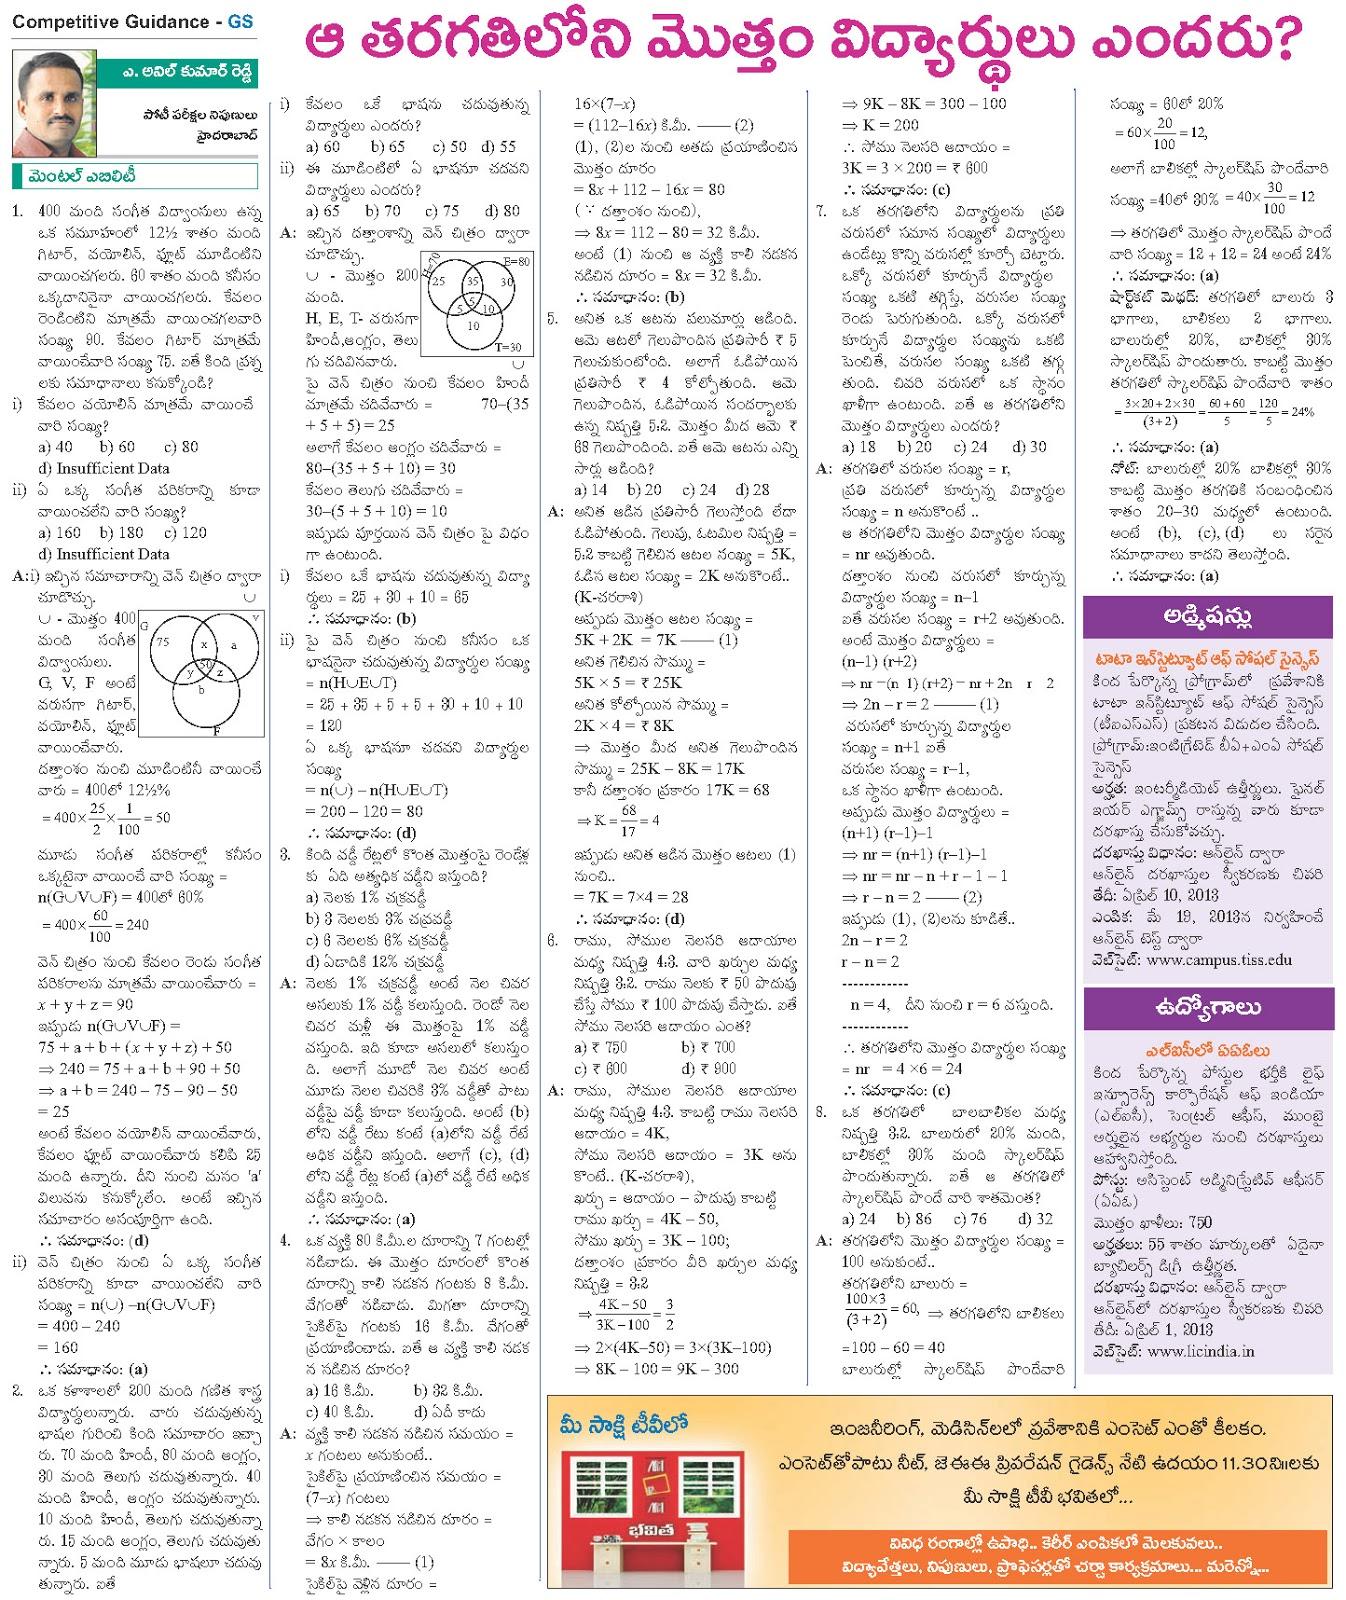 Best Books for SBI Clerk Exam Preparation